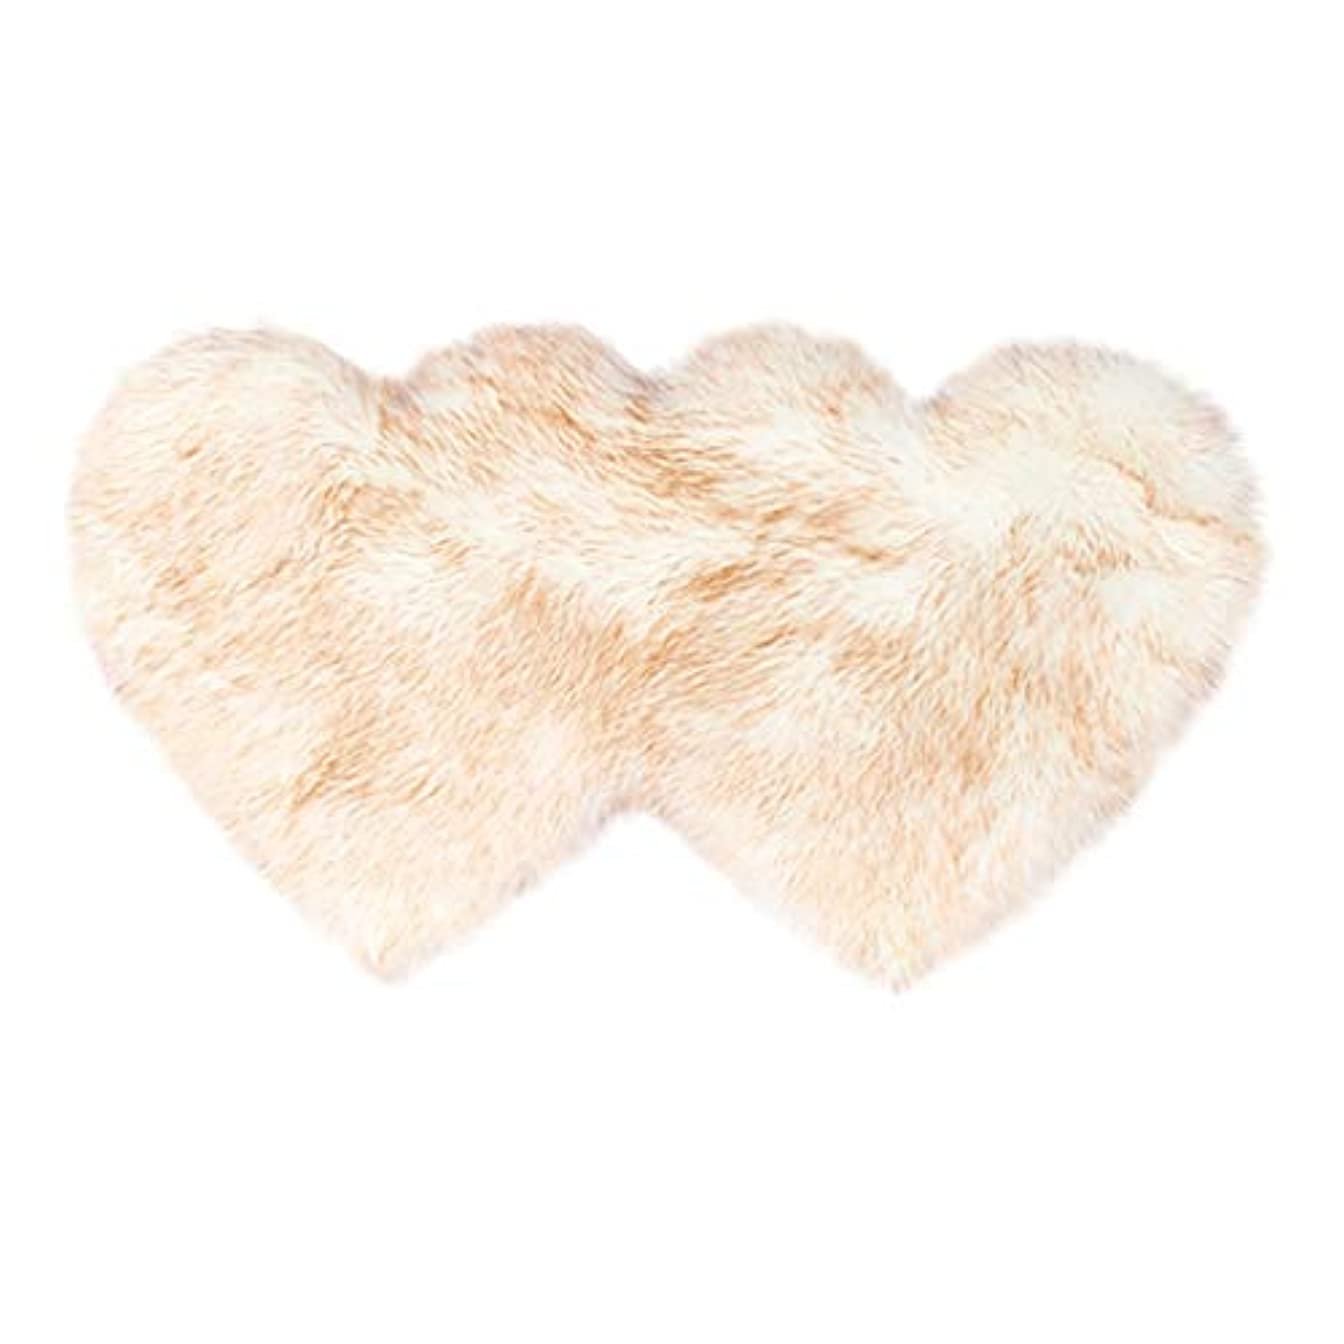 経営者知的こだわり愛の形の羊毛と羊の皮のじゅうたんと非滑り防止の寝室の毛茸のじゅうたんのマット